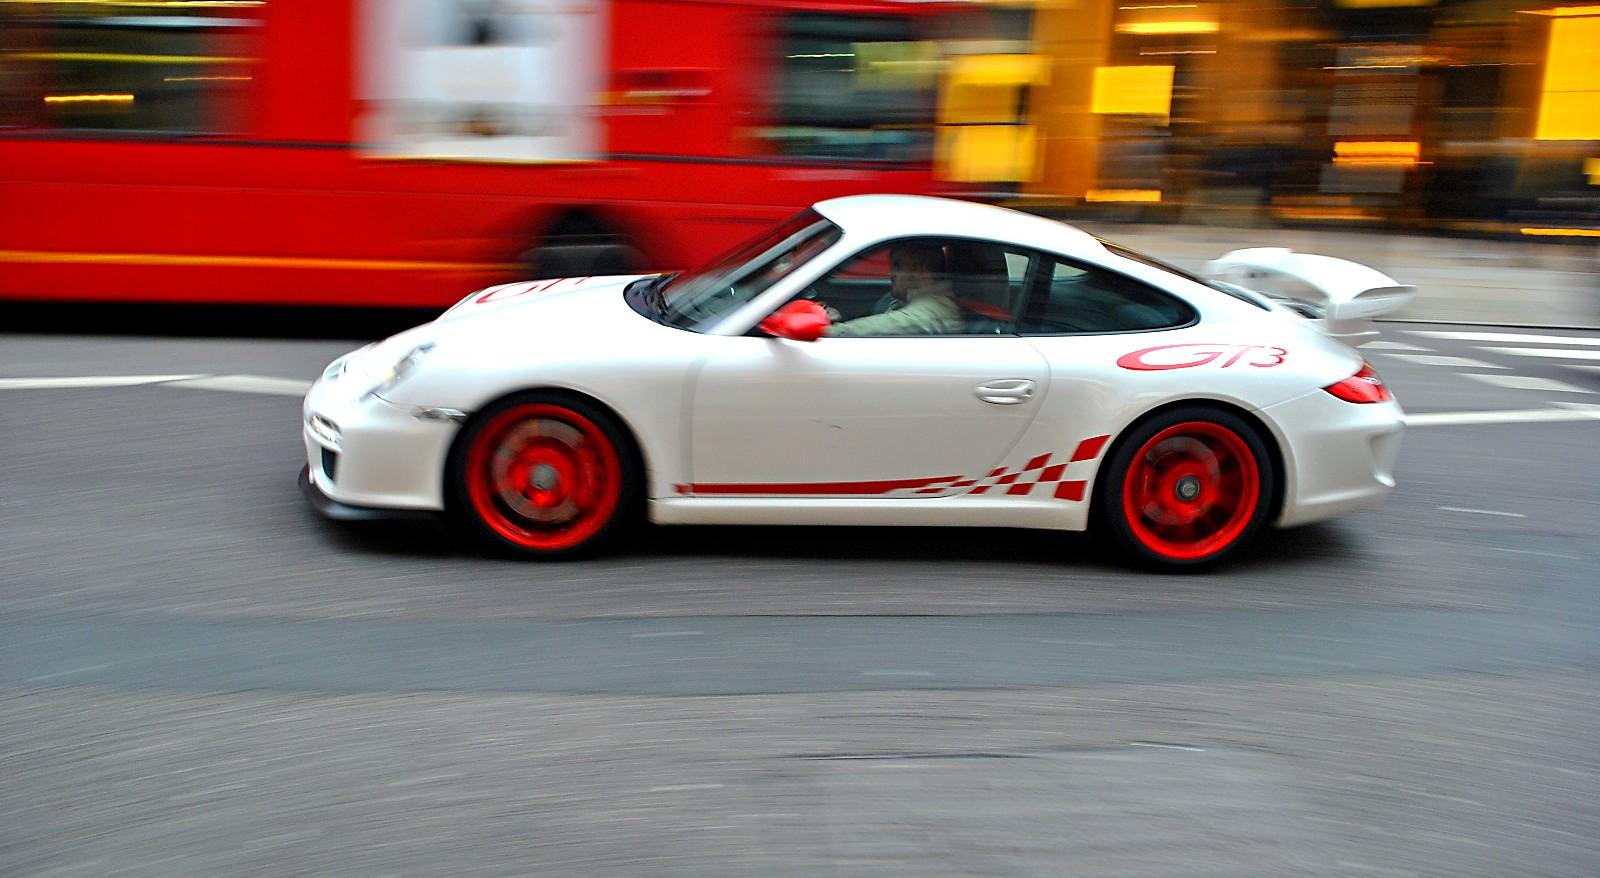 Porsche File Porsche 997 Gt3 3point8 With Rs Decals In London